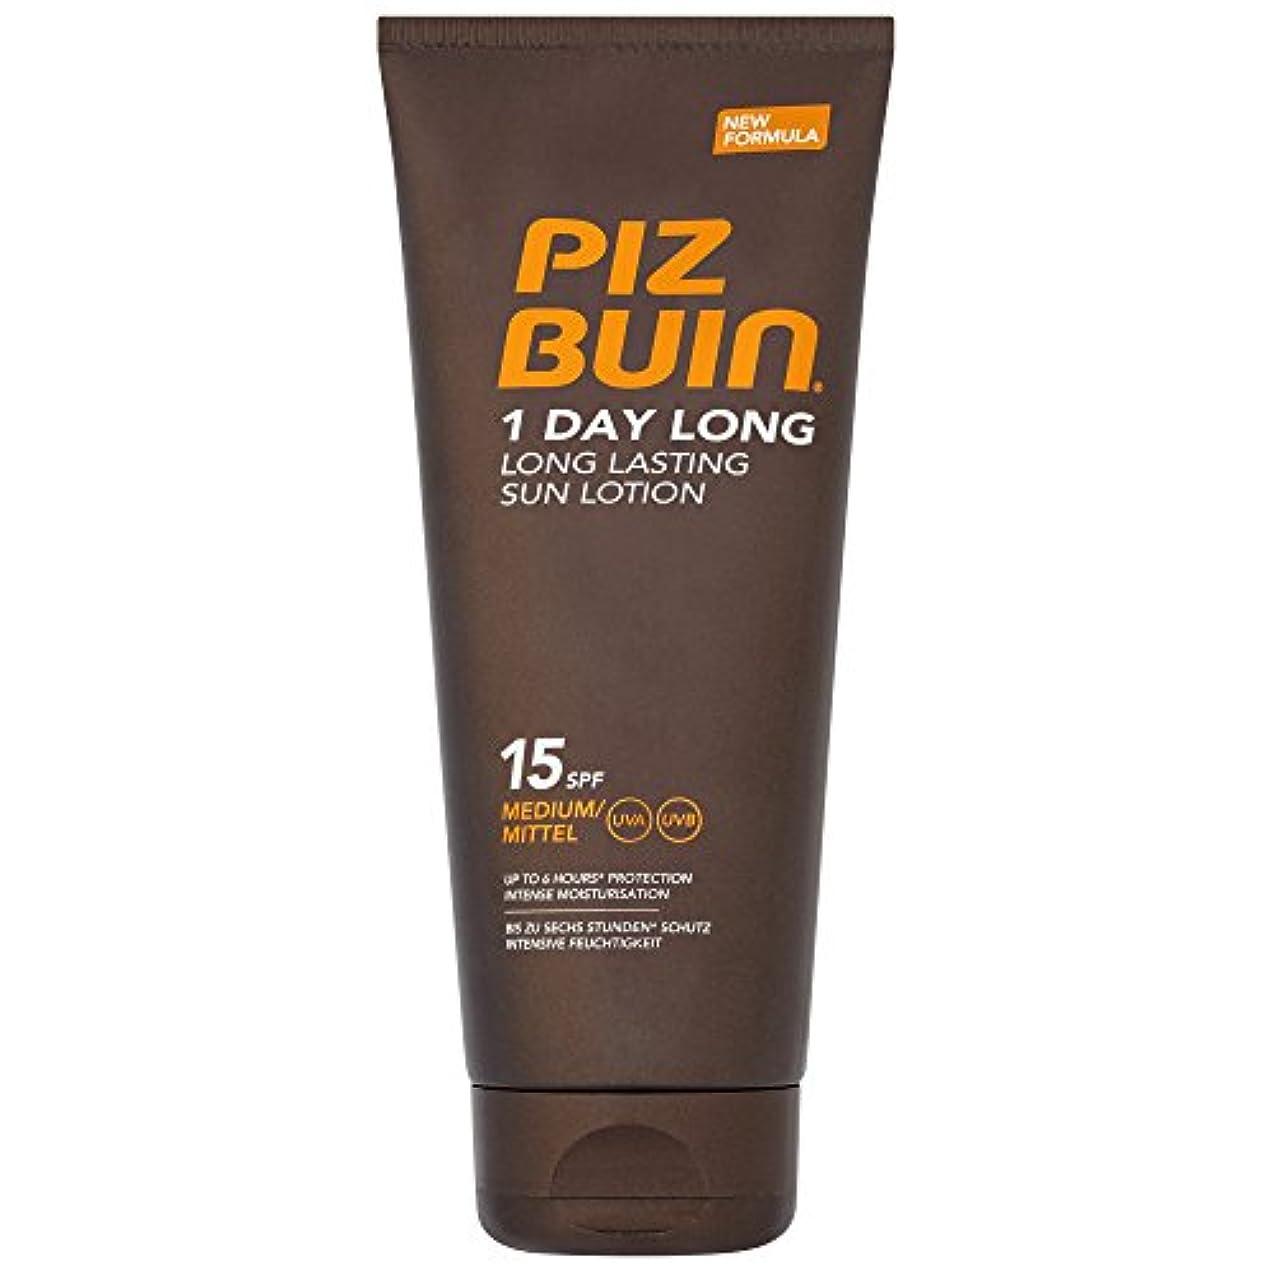 アジテーション謎移行するピッツブーインの1日長い15の日焼けローション200 x4 - Piz Buin 1 Day Long SPF15 Sun Lotion 200ml (Pack of 4) [並行輸入品]